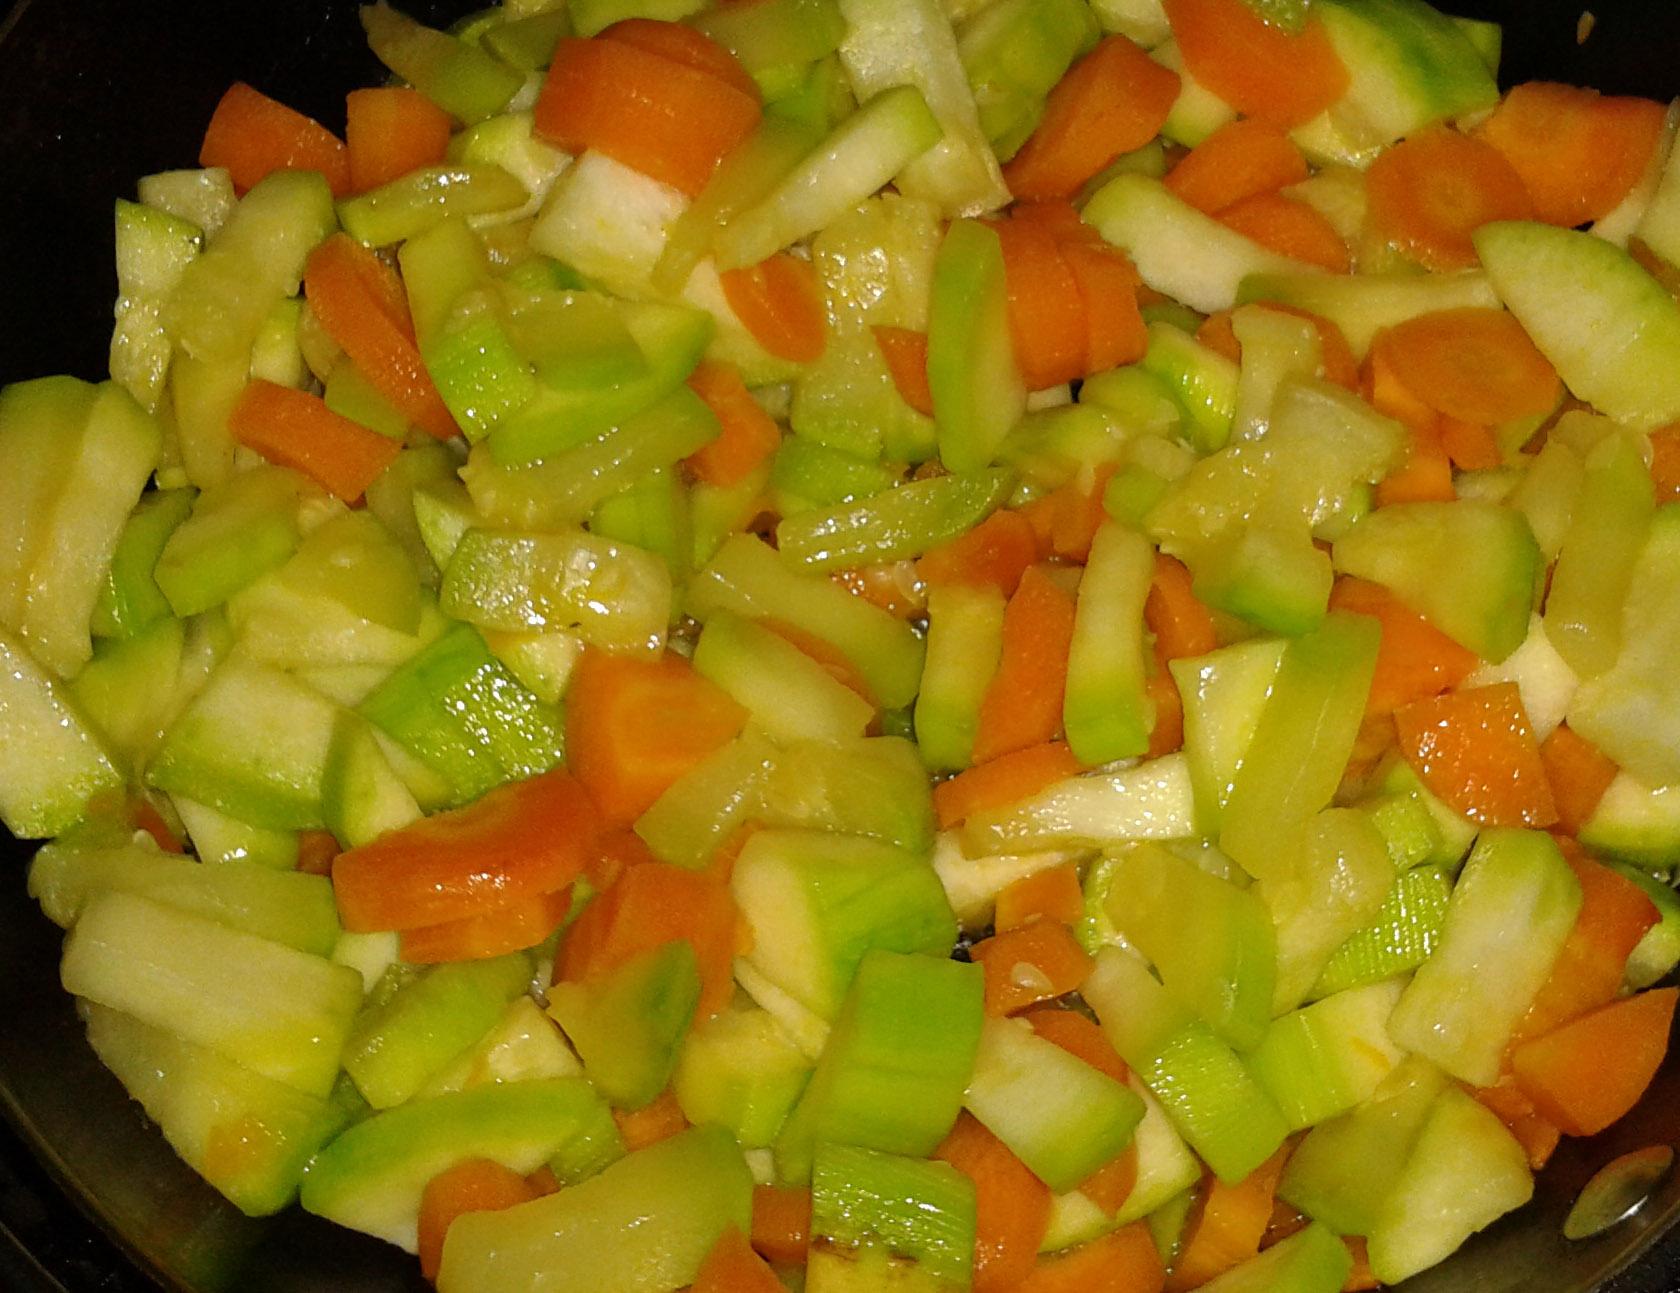 Primero se sofrie el calabacín con la zanahoria